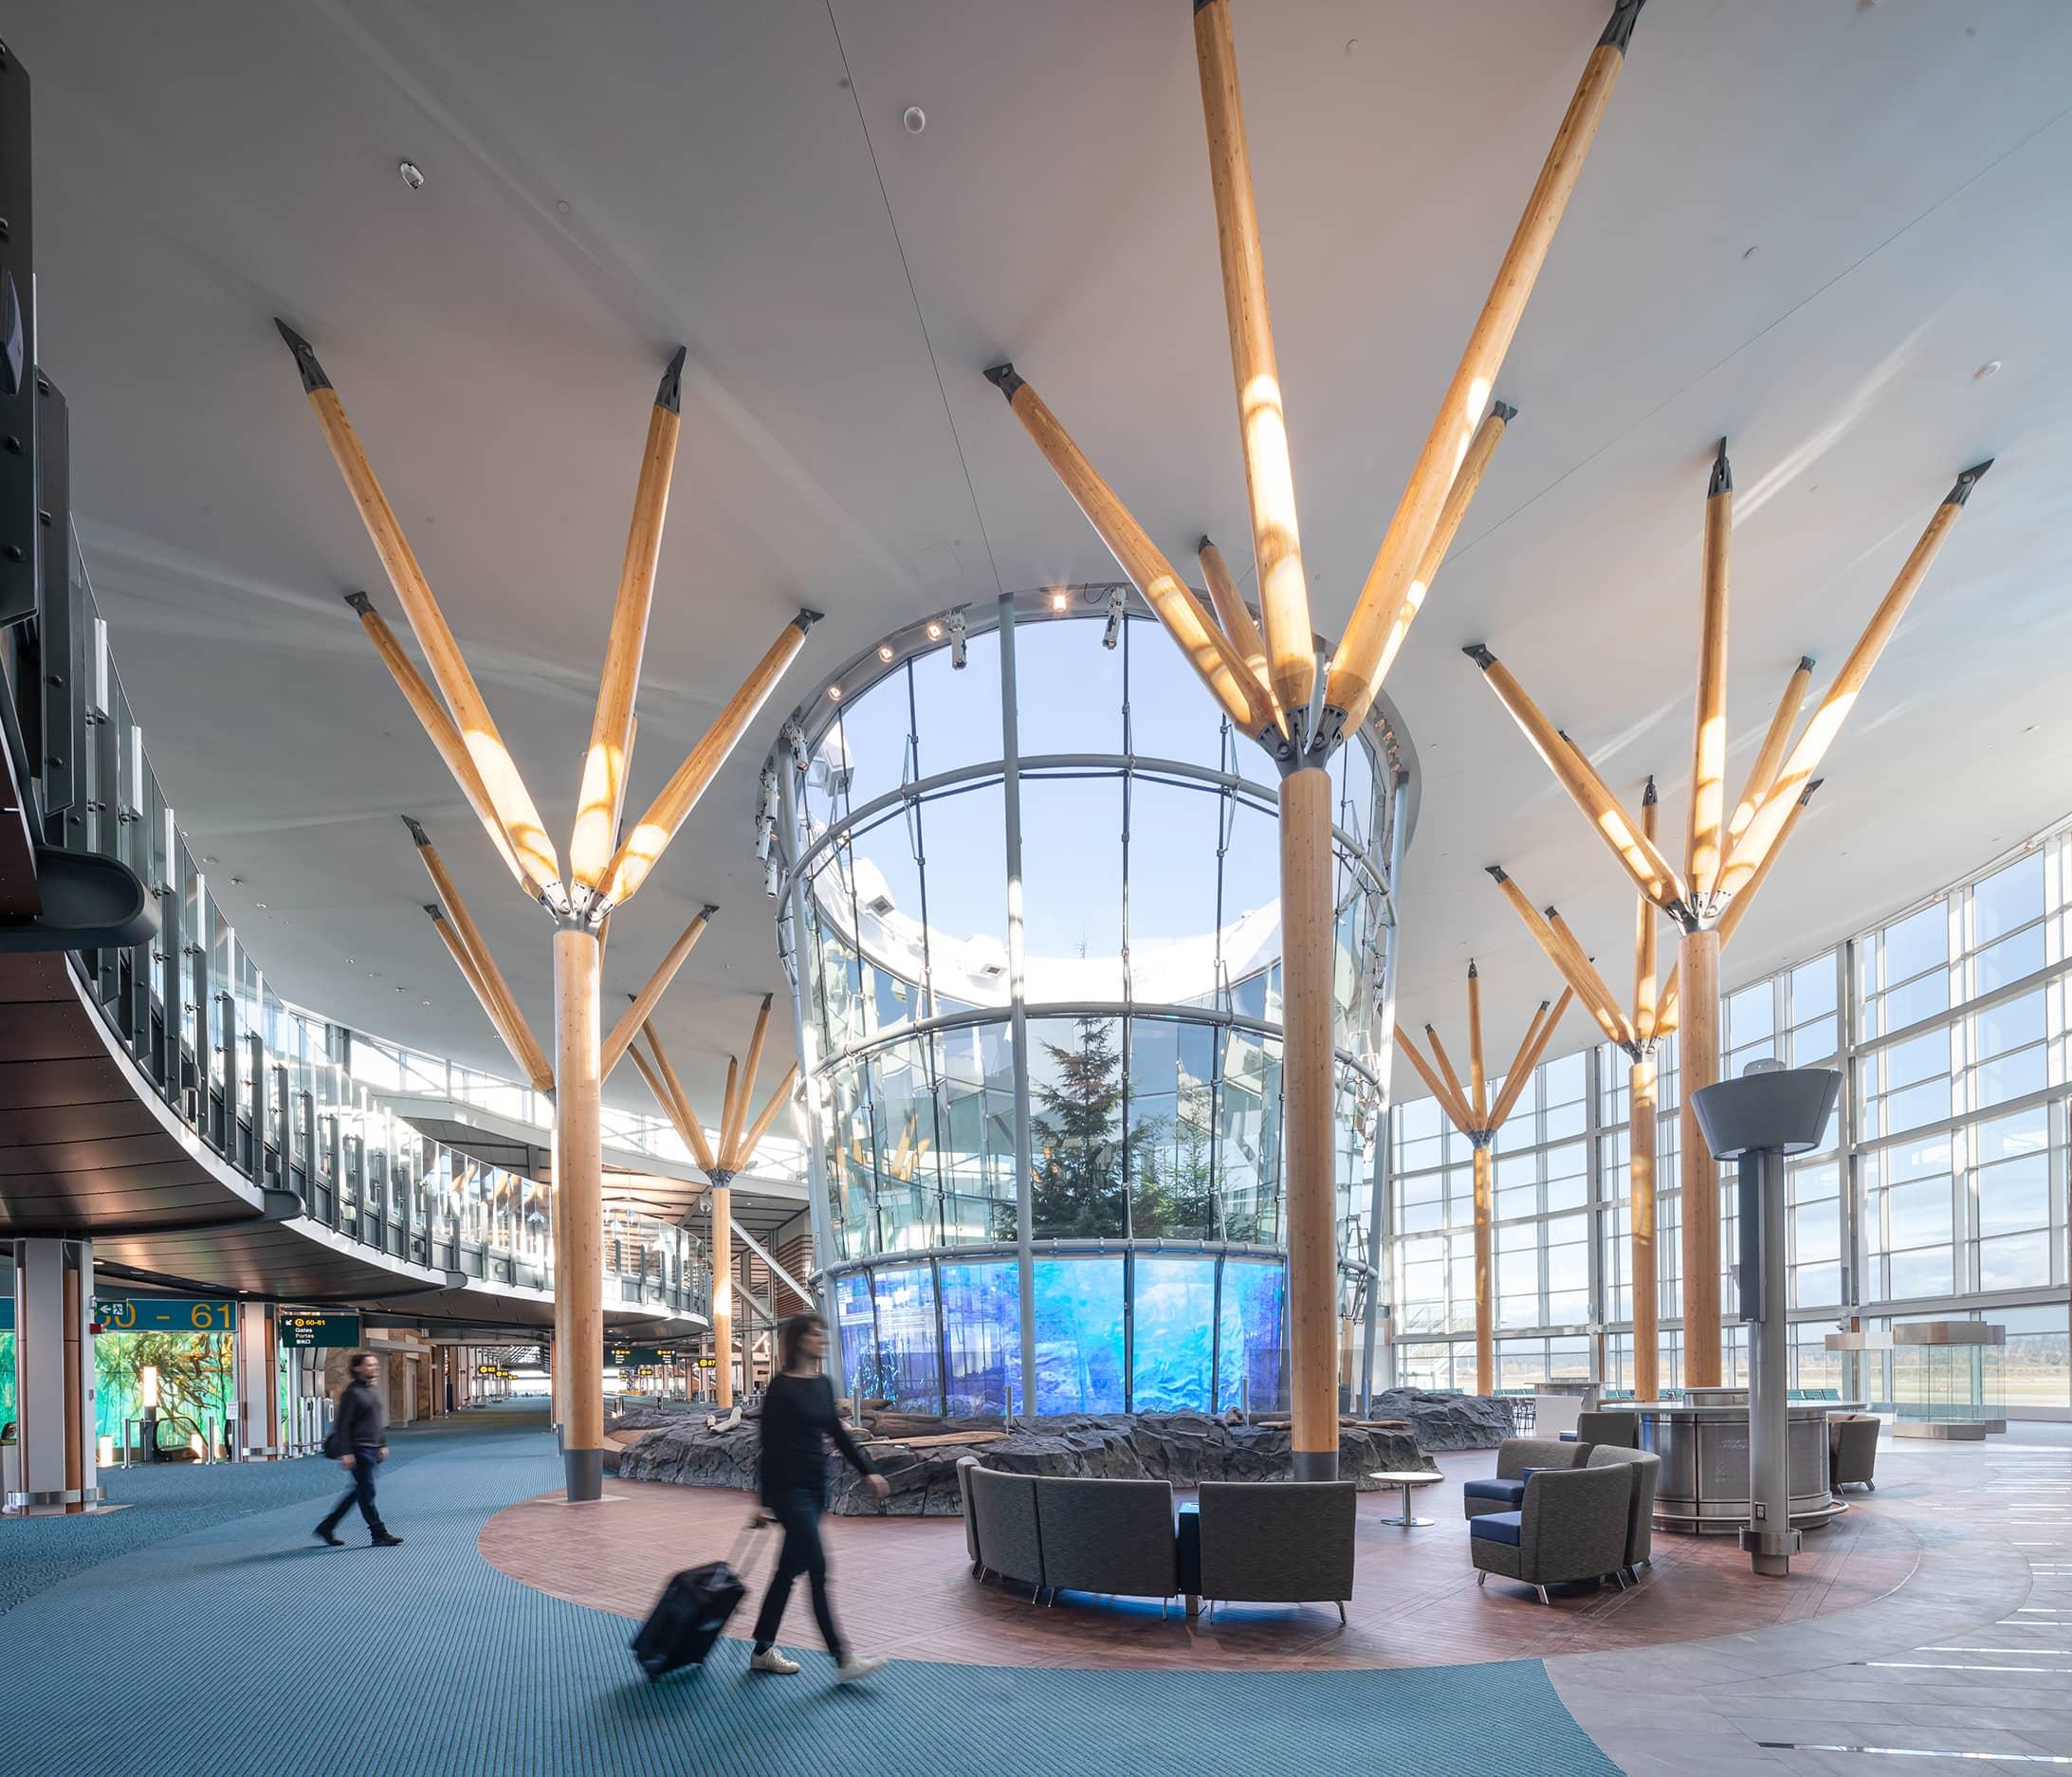 bbp yvr pier d atrium feature